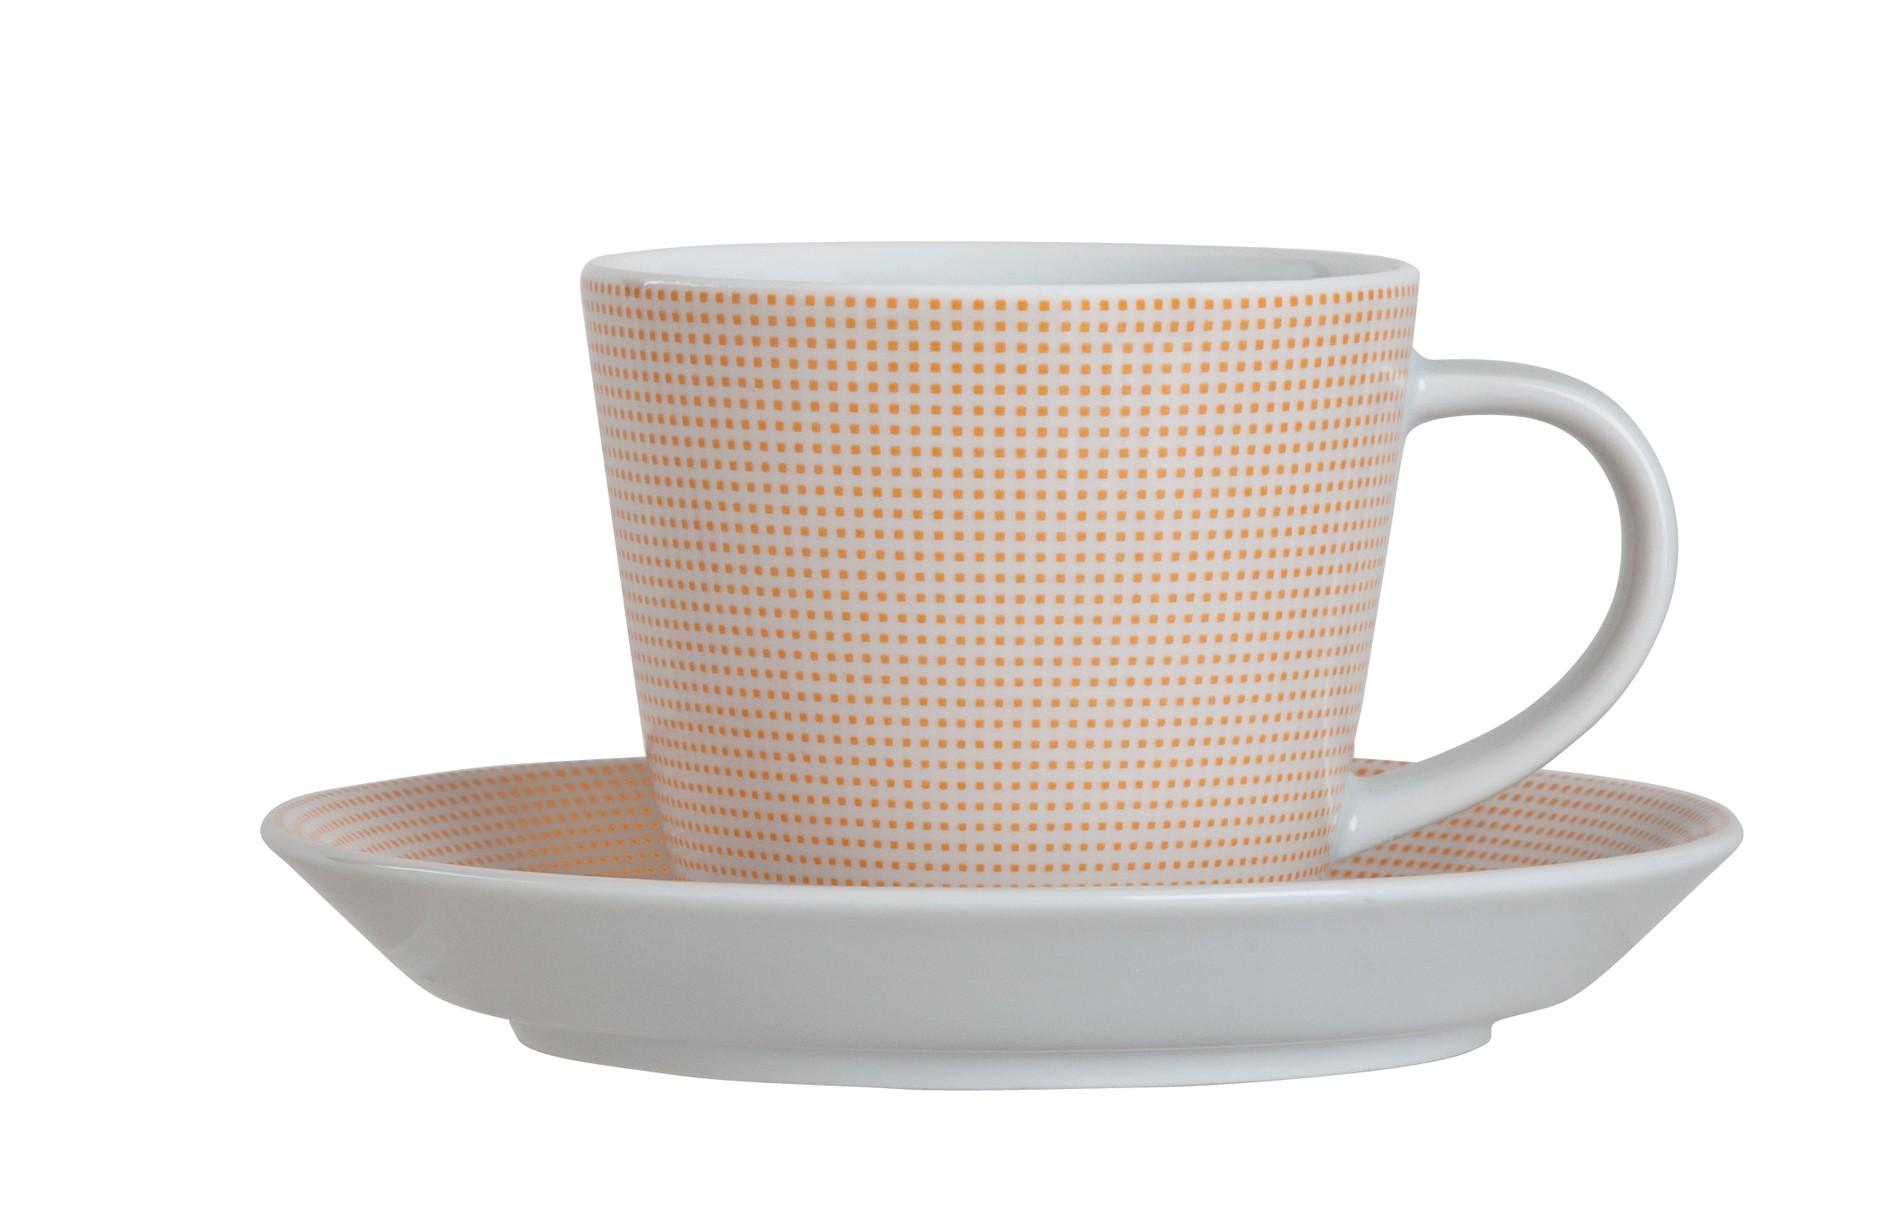 Φλυτζάνι & Πιάτο Τσαγιού Punto Orange Σετ 6τμχ Ionia home   ειδη cafe τσαϊ   κούπες   φλυτζάνια